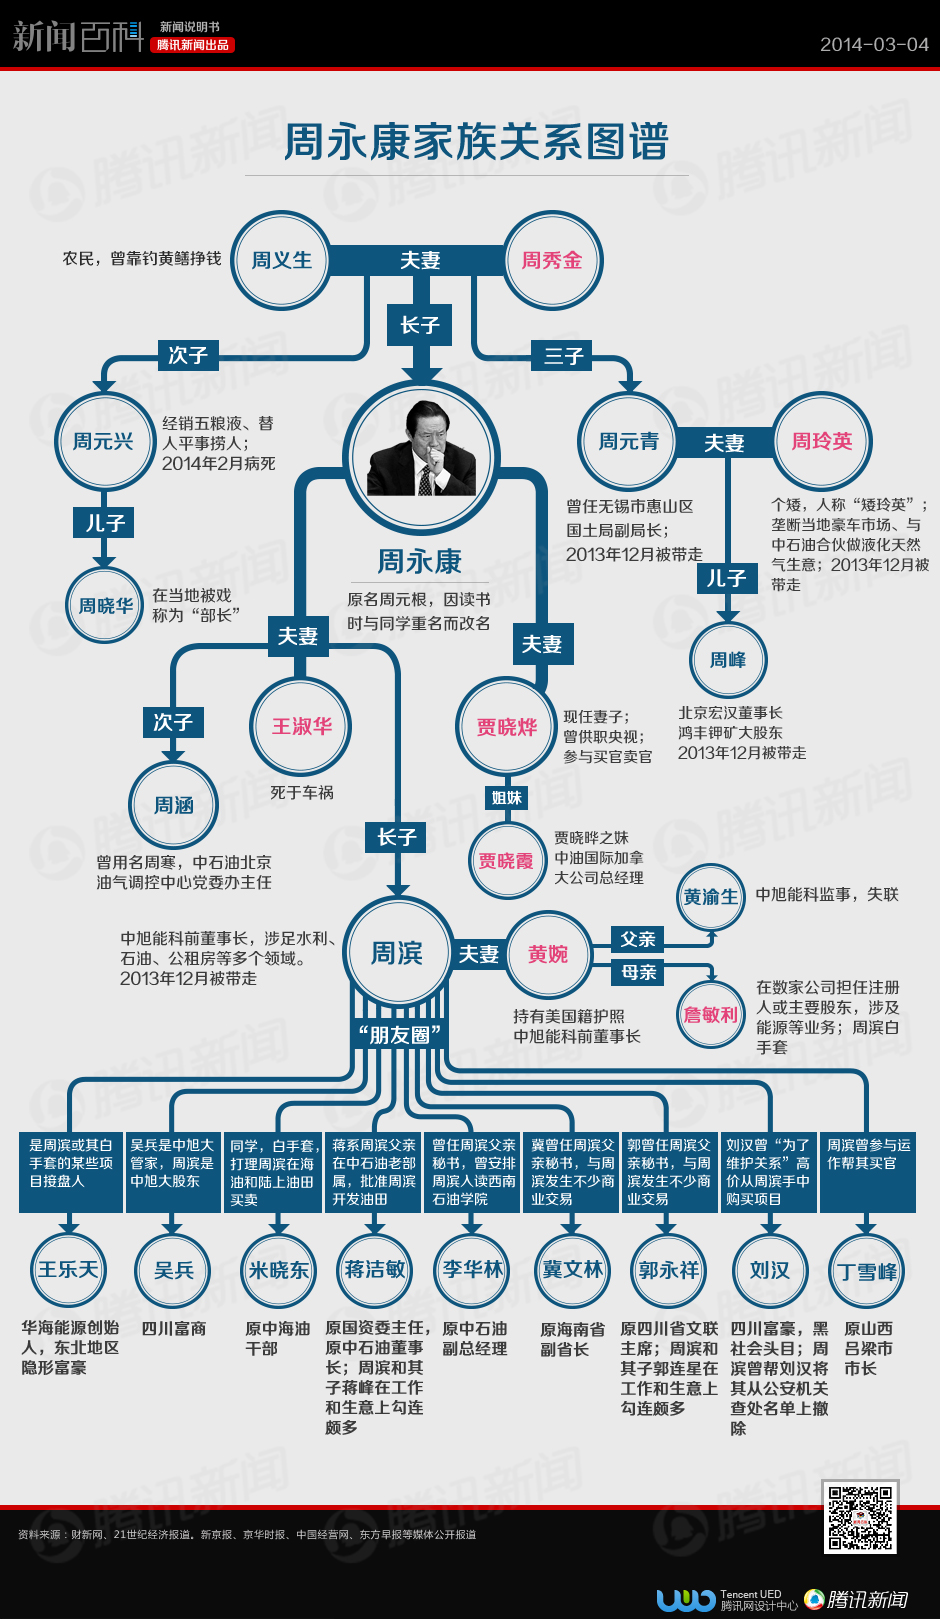 中国打虎报告—— - 俊哥儿 - 俊哥儿的博客(热点透视军情解密名人真相)